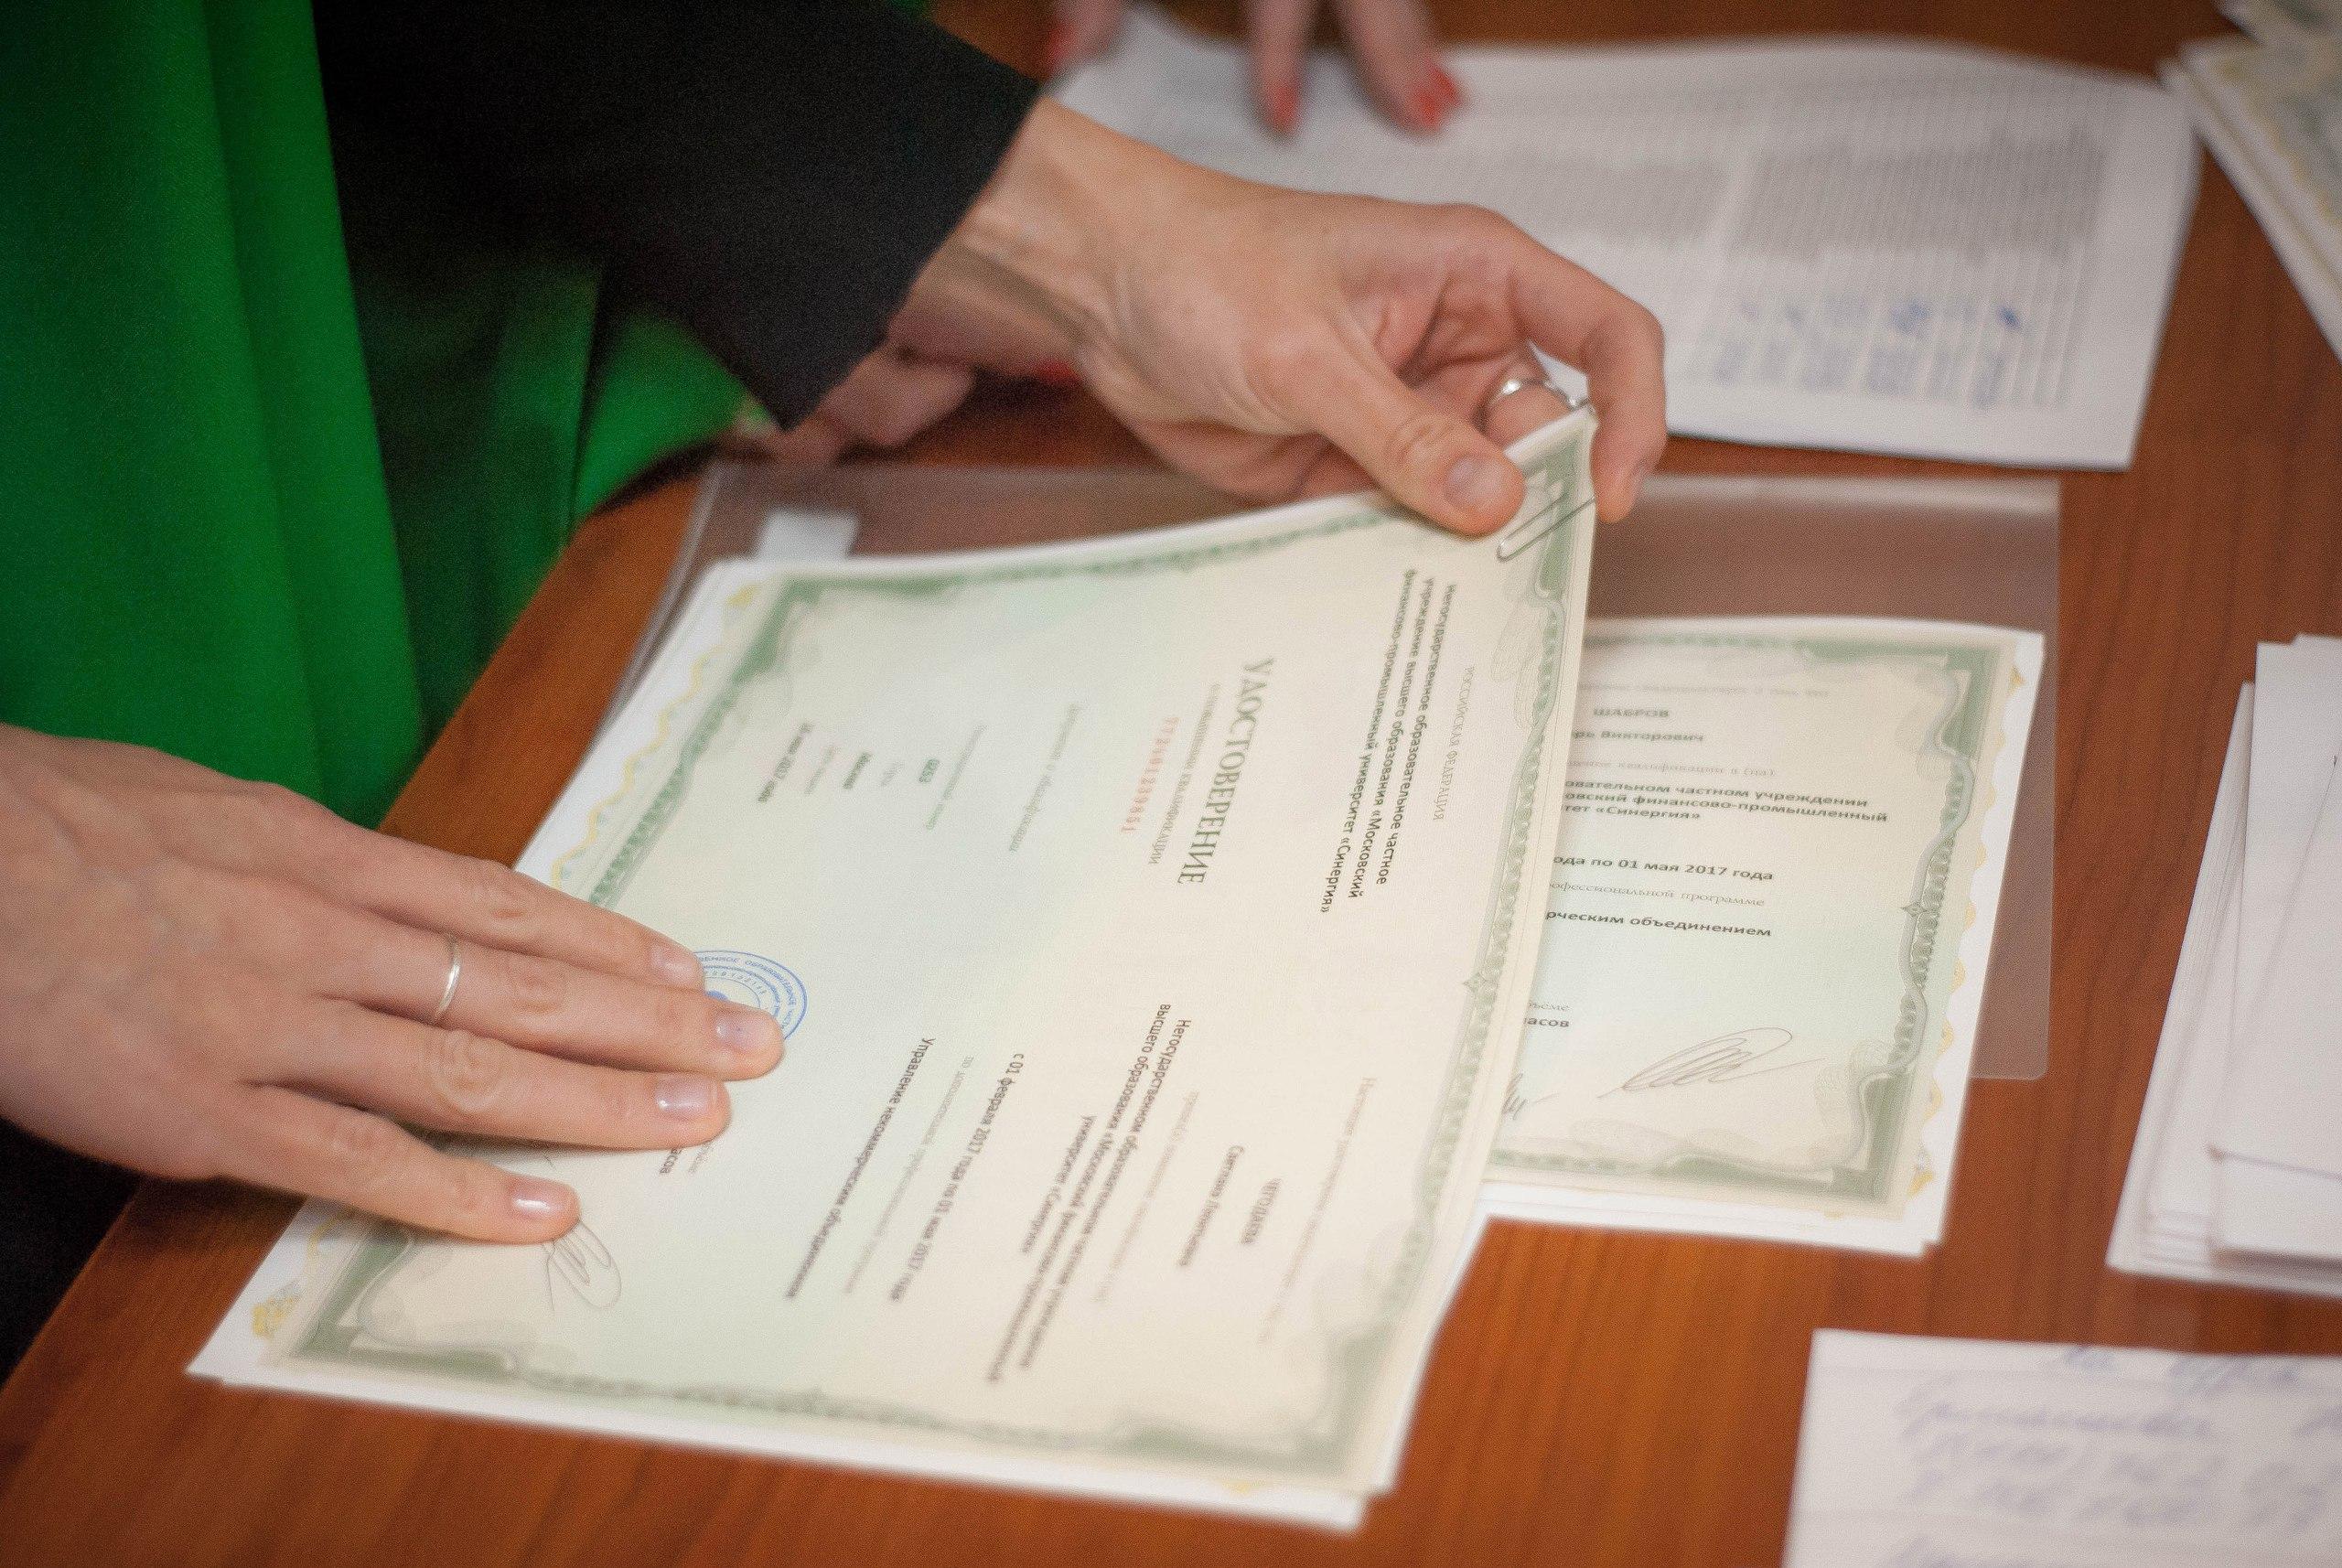 Фото документов о повышении квалификации Университета Садоводов